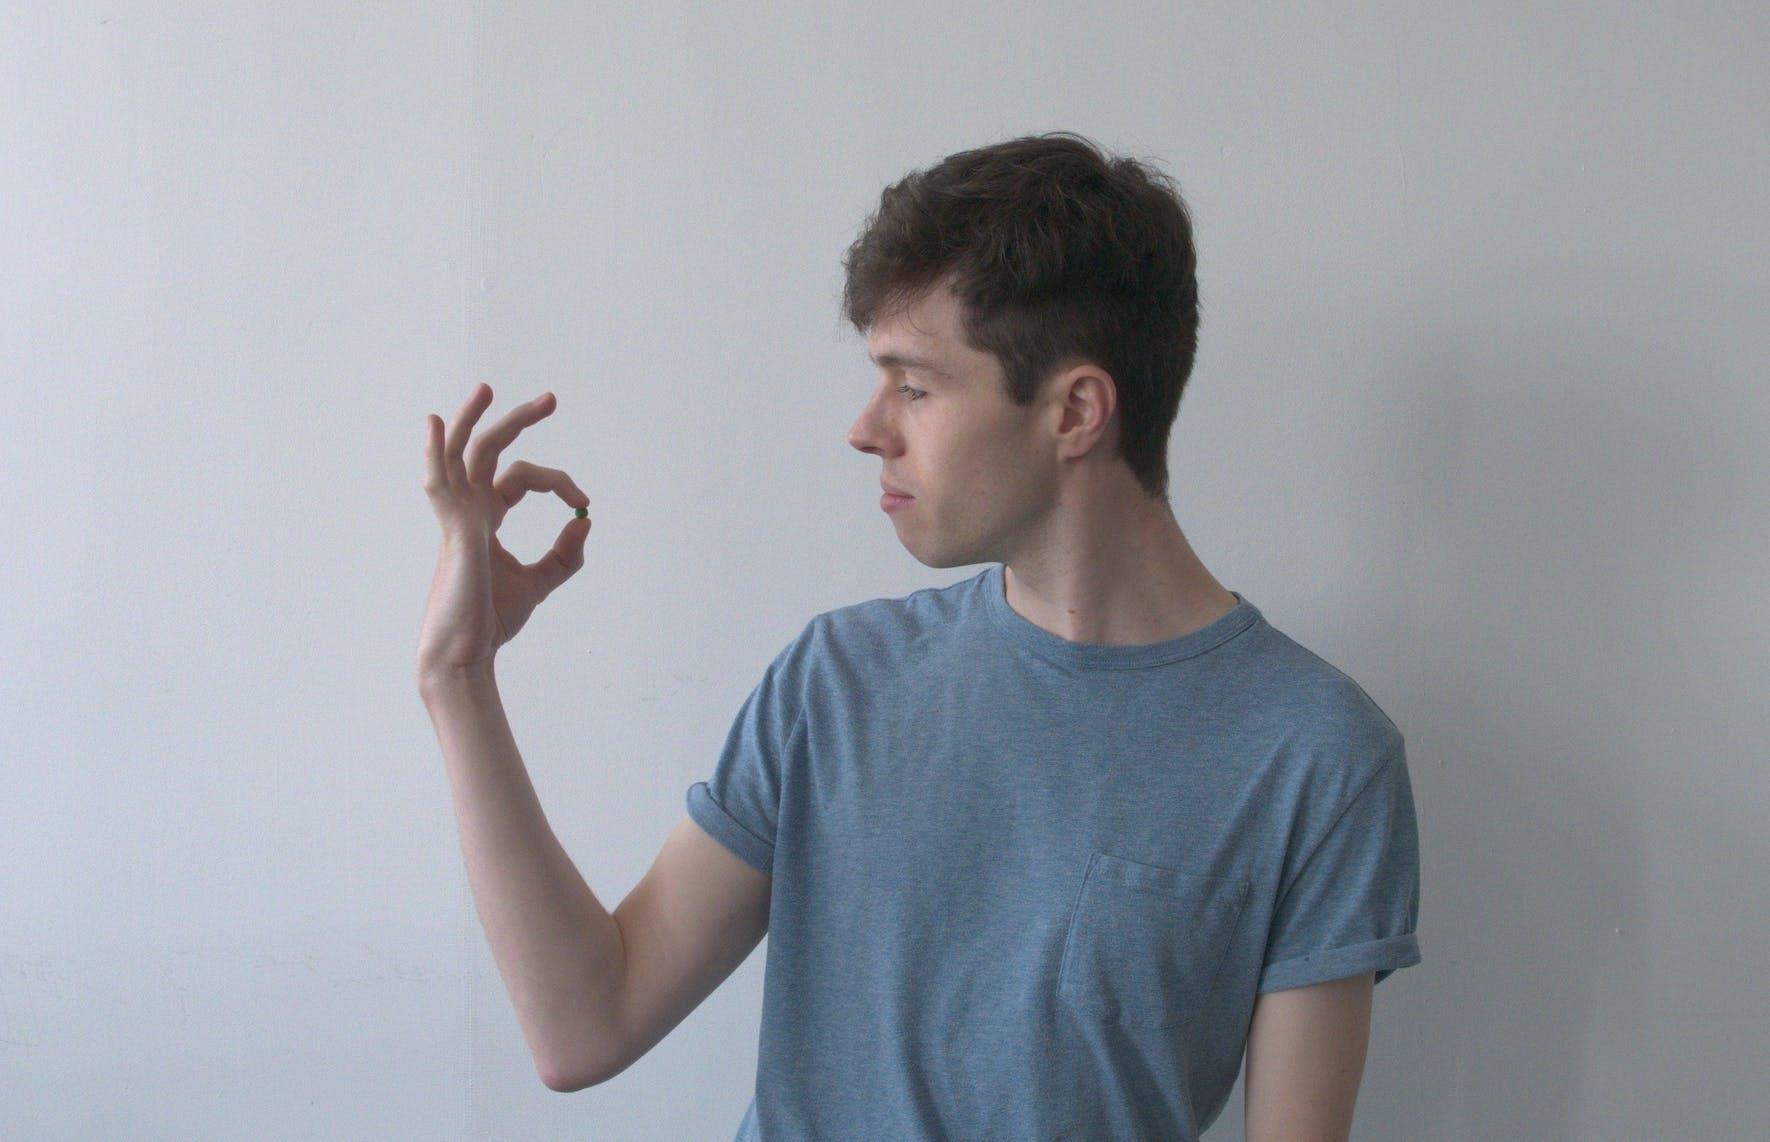 Matt holding a pea